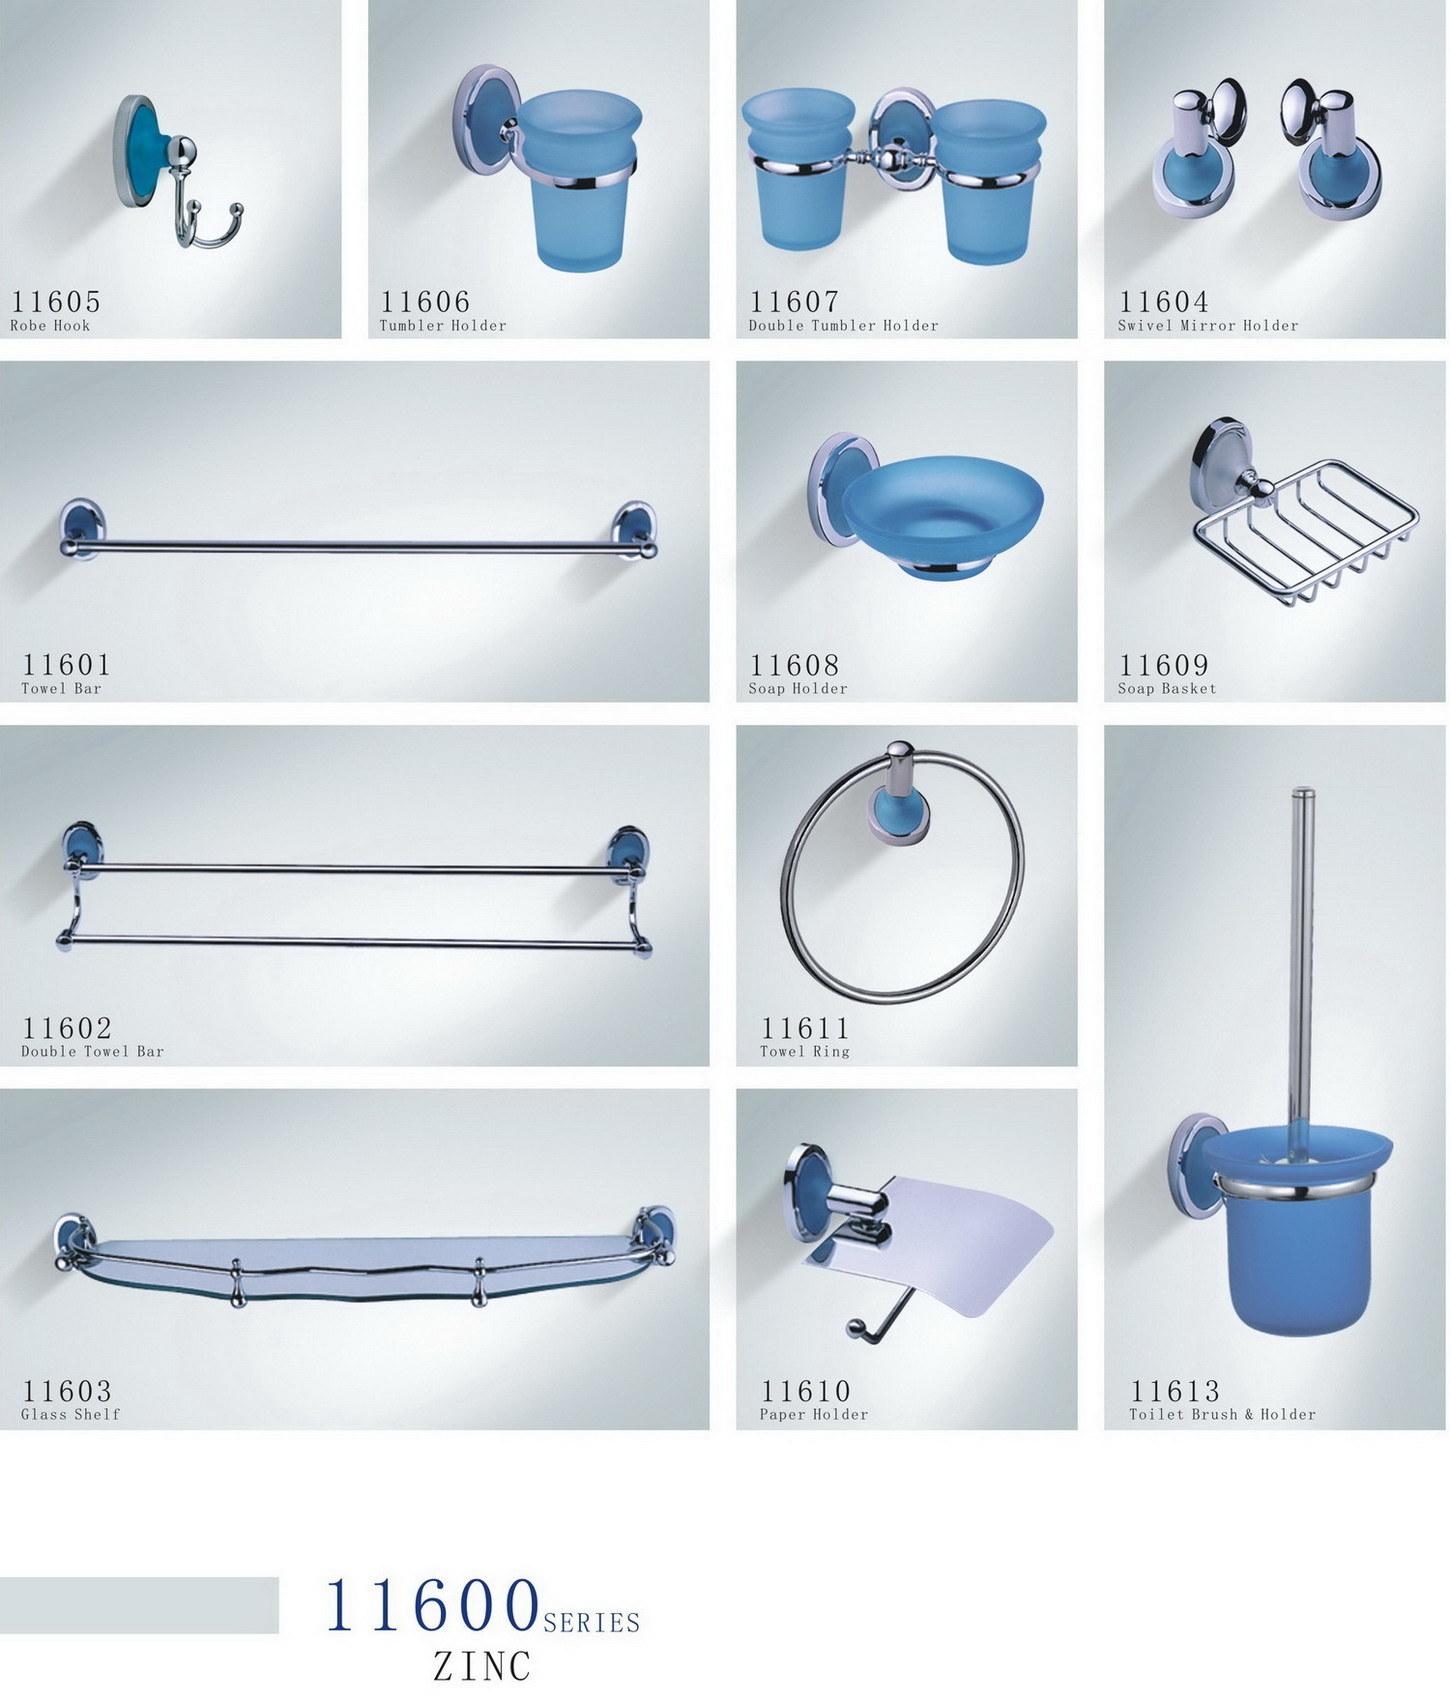 Accessoires de salle de bains 11600 s ries accessoires for Accessoires salle de bain fly